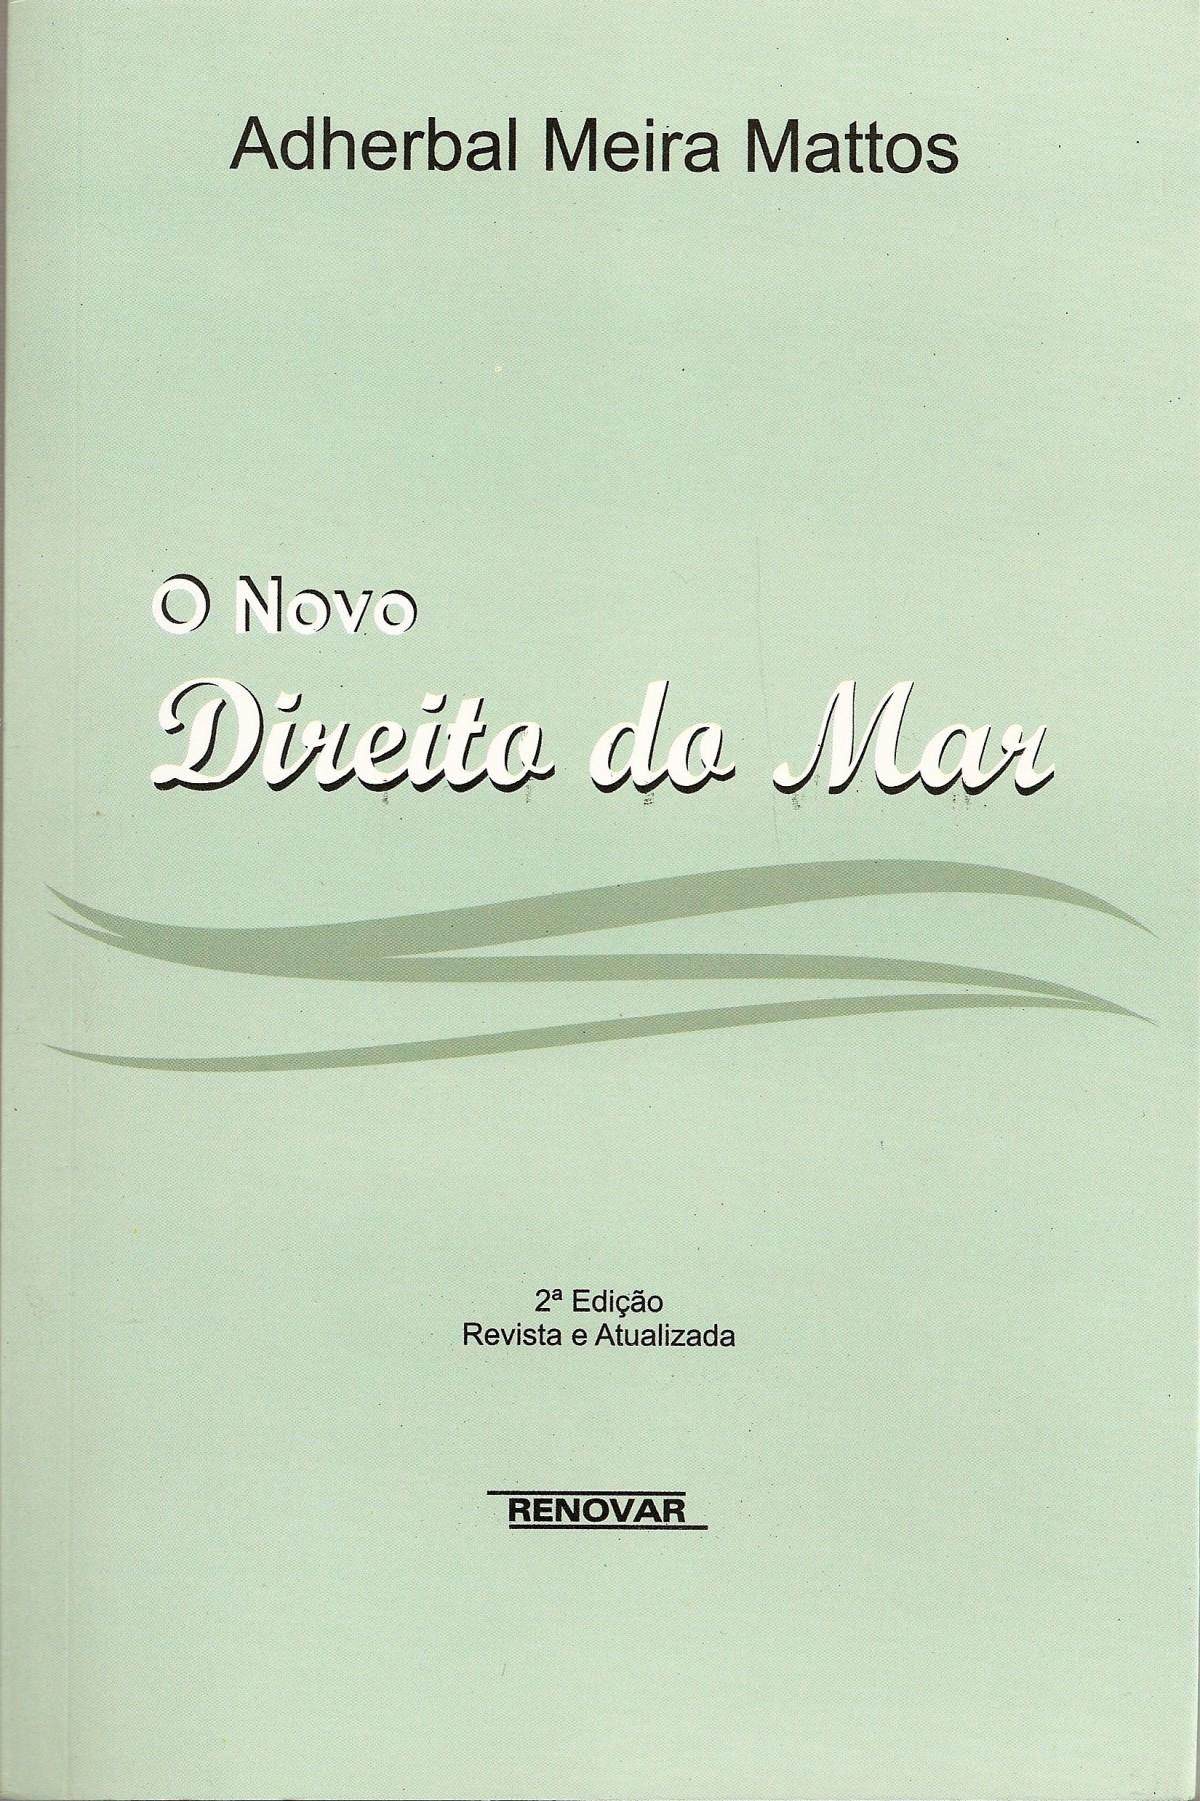 Foto 1 - O Novo Direito do Mar